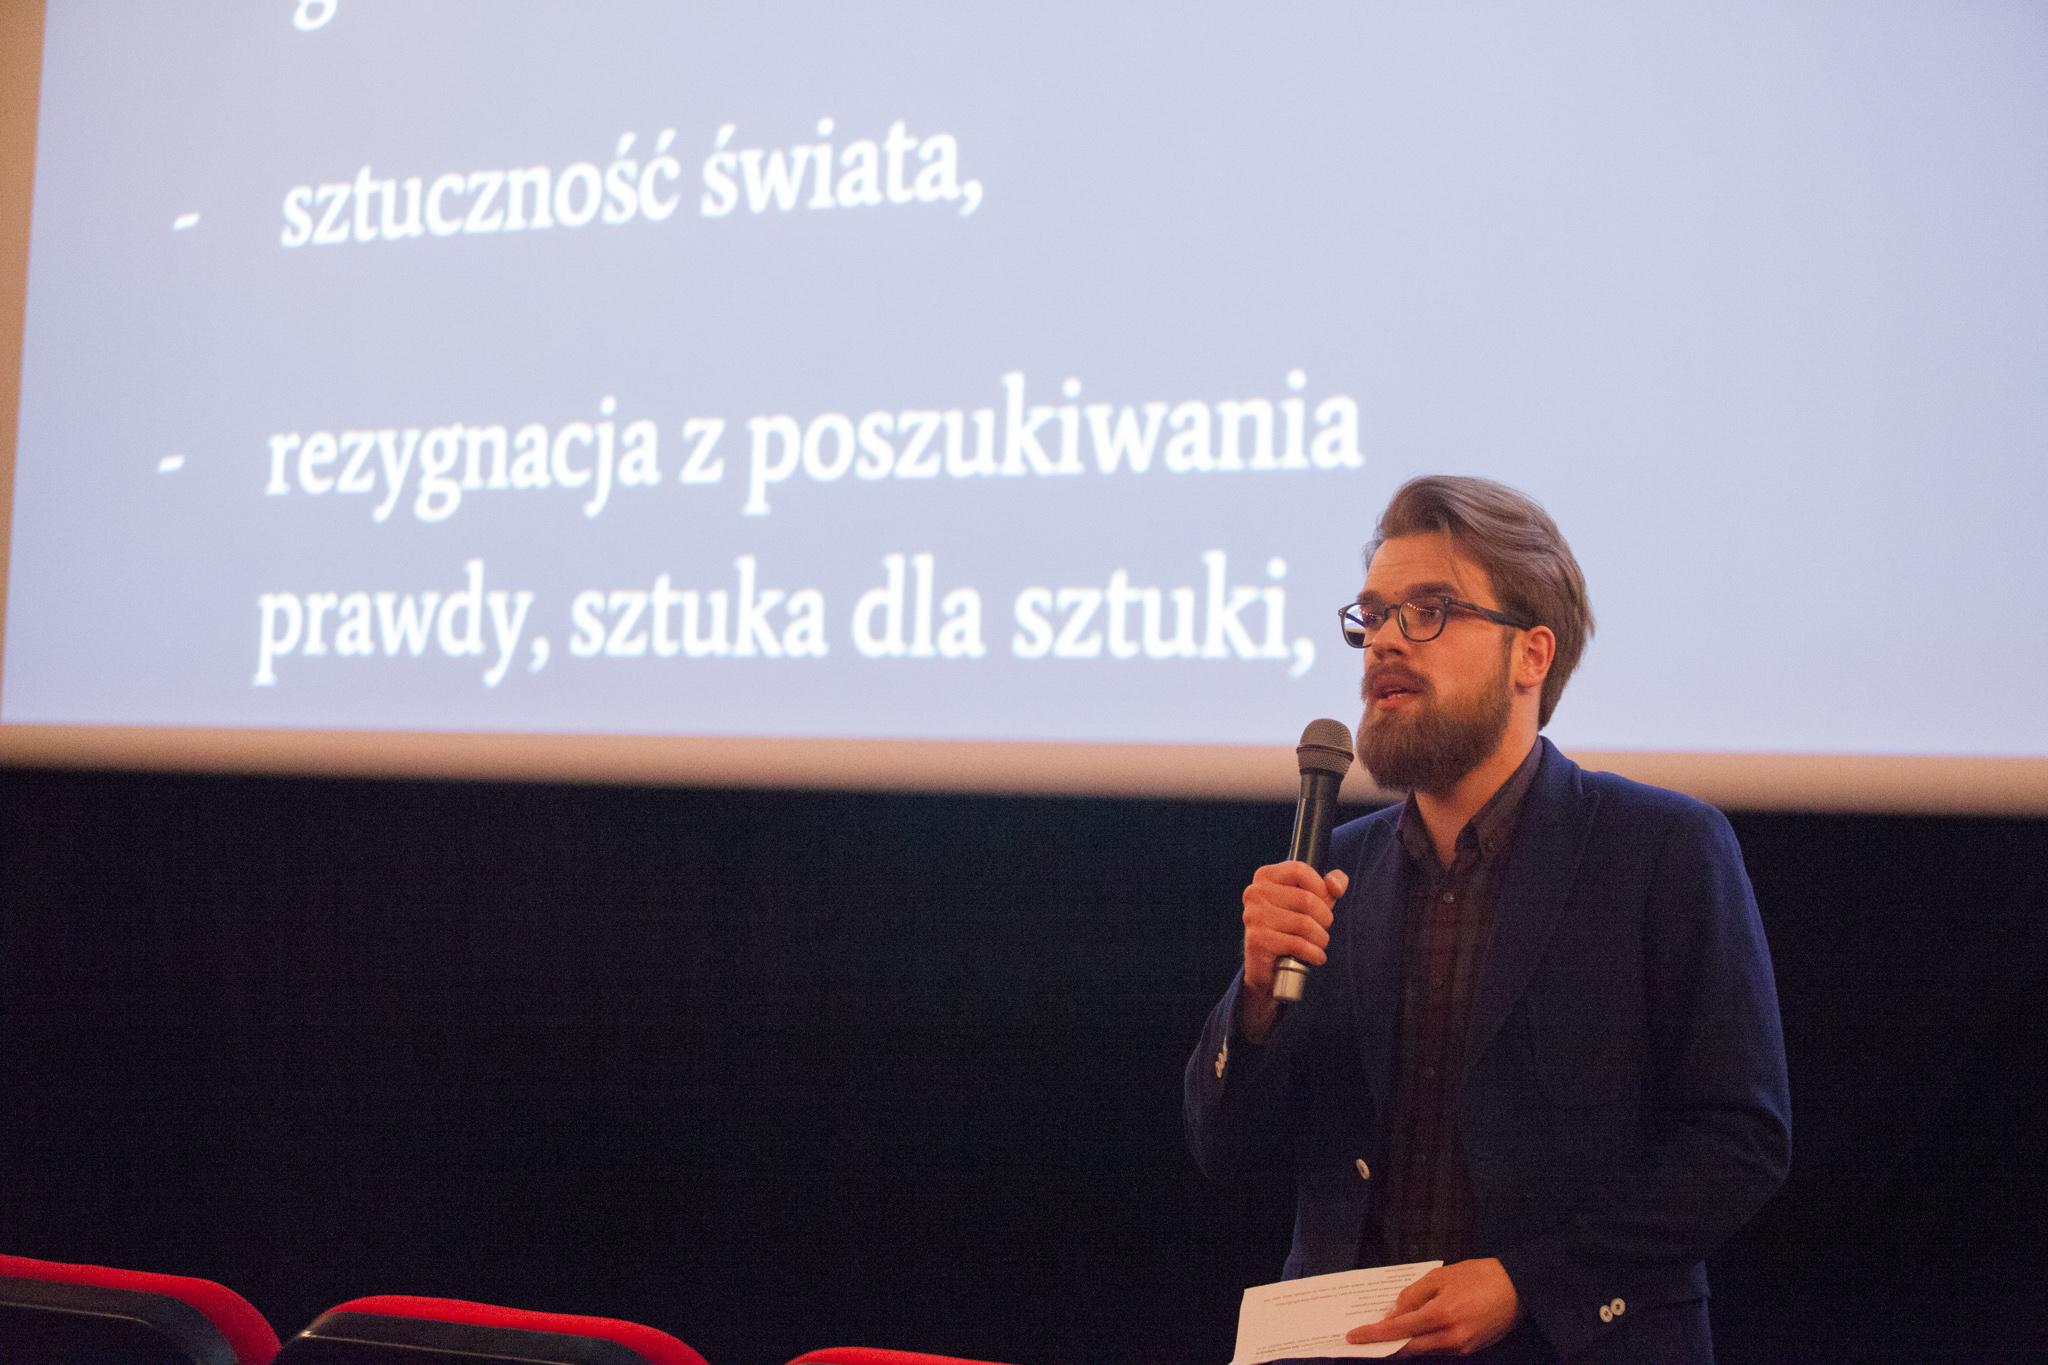 Fotografia: Grzegorz Fortuna